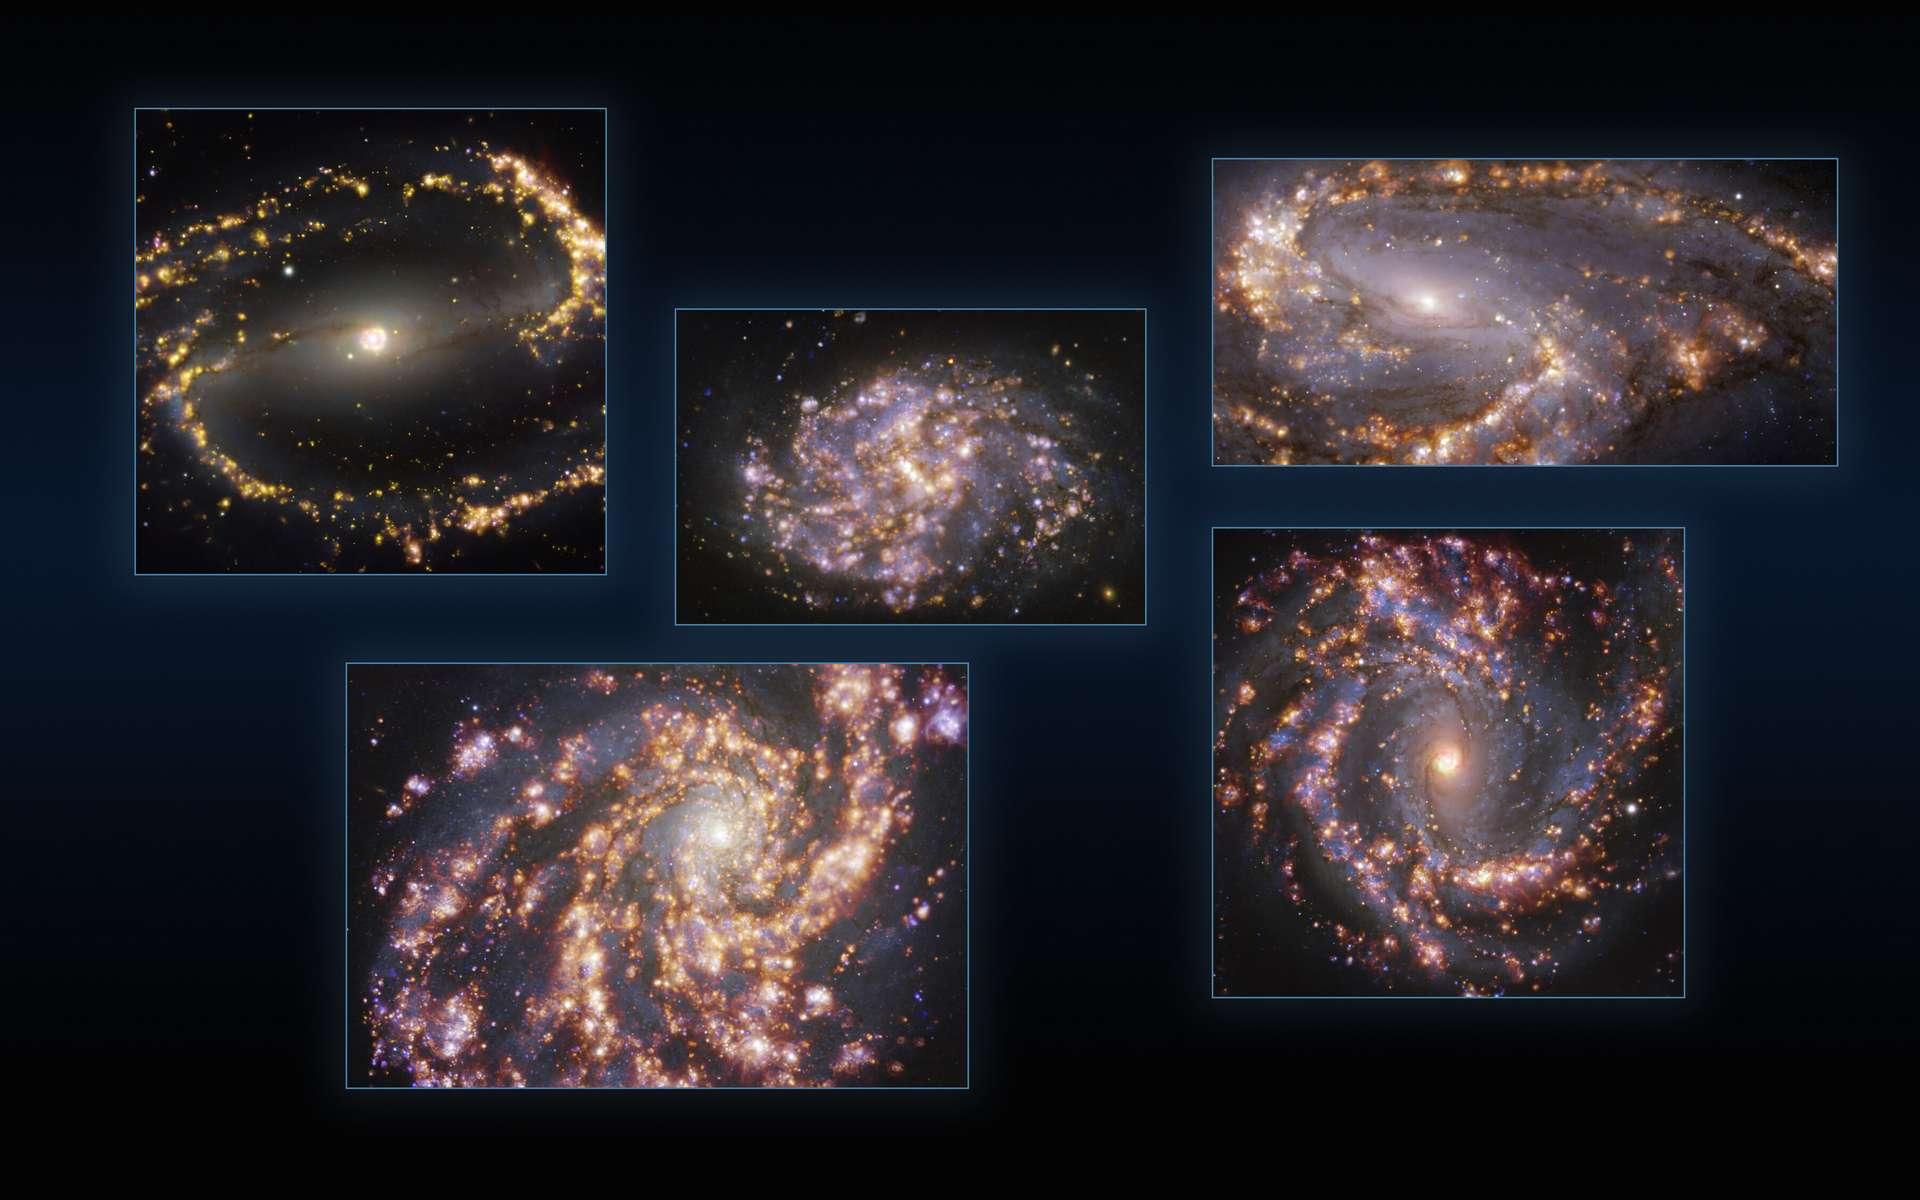 Cette image combine des observations des galaxies proches NGC 1300, NGC 1087, NGC 3627 (en haut, de gauche à droite), NGC 4254 et NGC 4303 (en bas, de gauche à droite) prises avec le Multi-Unit Spectroscopic Explorer (Muse) sur le Very Large Telescope (VLT) de l'ESO. Chaque image individuelle est une combinaison d'observations réalisées à différentes longueurs d'onde de lumière afin de cartographier les populations stellaires et le gaz chaud. Les lueurs dorées correspondent principalement à des nuages de gaz ionisés d'hydrogène, d'oxygène et de soufre, marquant la présence d'étoiles nouvellement nées, tandis que les régions bleutées en arrière-plan révèlent la distribution d'étoiles légèrement plus anciennes. Les images ont été prises dans le cadre du projet Phangs (Physics at High Angular resolution in Nearby GalaxieS), qui réalise des observations à haute résolution des galaxies proches avec des télescopes fonctionnant sur l'ensemble du spectre électromagnétique. © ESO, Phangs